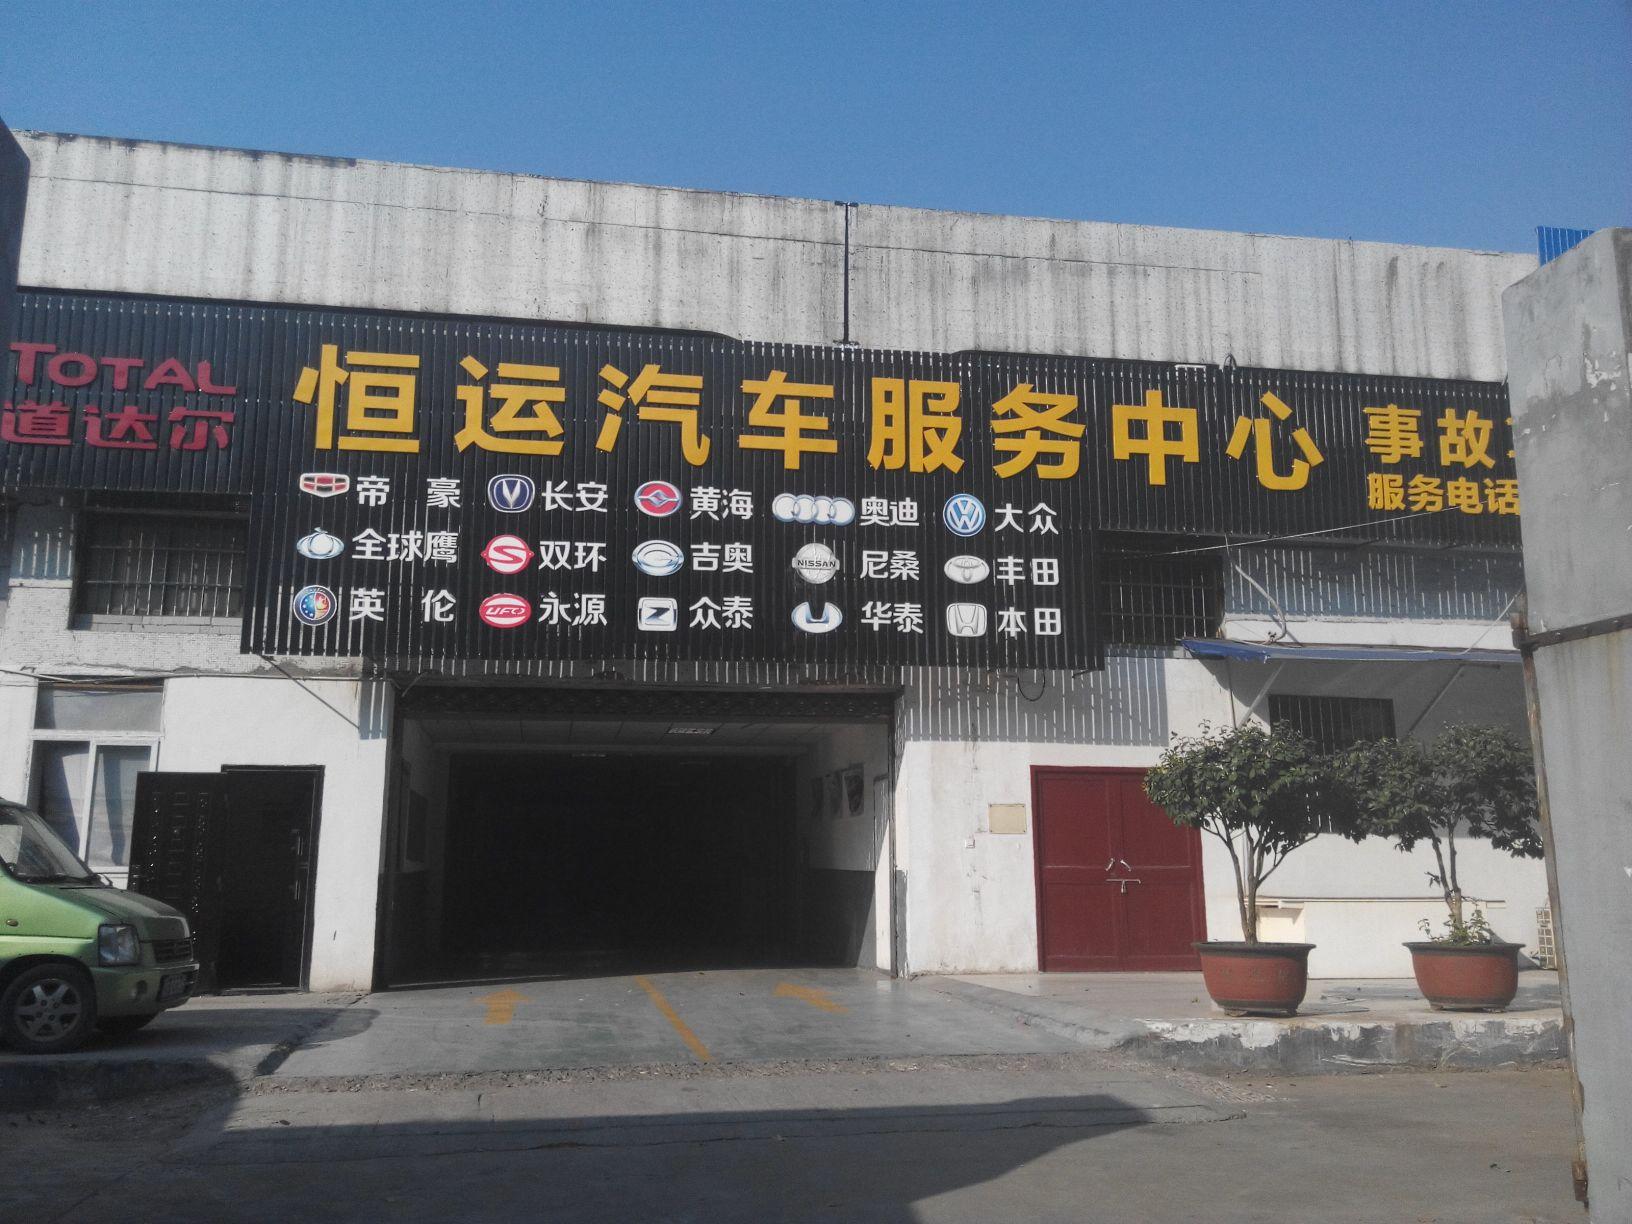 恒运汽车服务中心